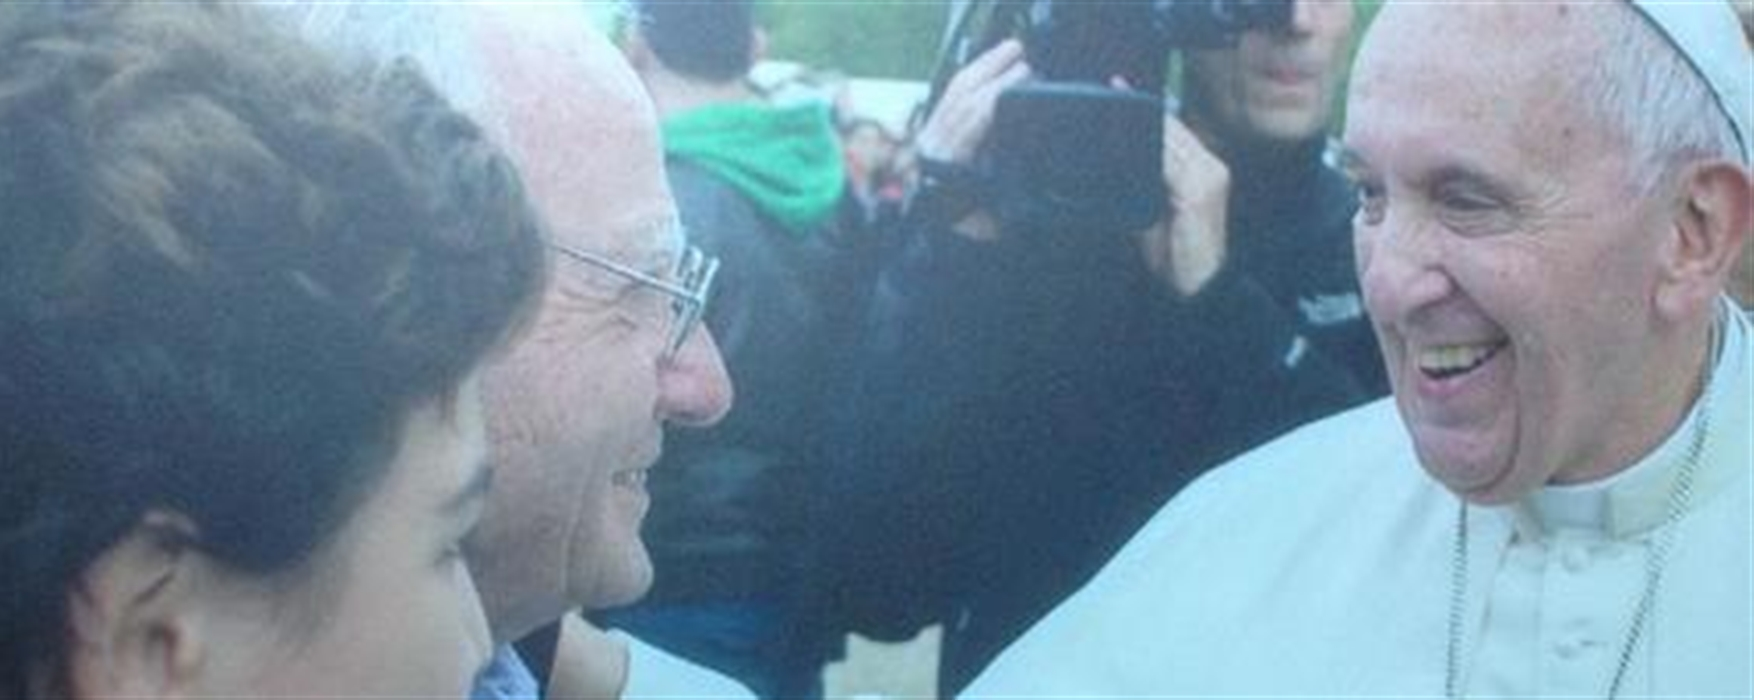 La storia di Dino Impagliazzo, l'88enne che ha commosso il Papa Ogni giorno dà da mangiare a 250 migranti e senzatteto